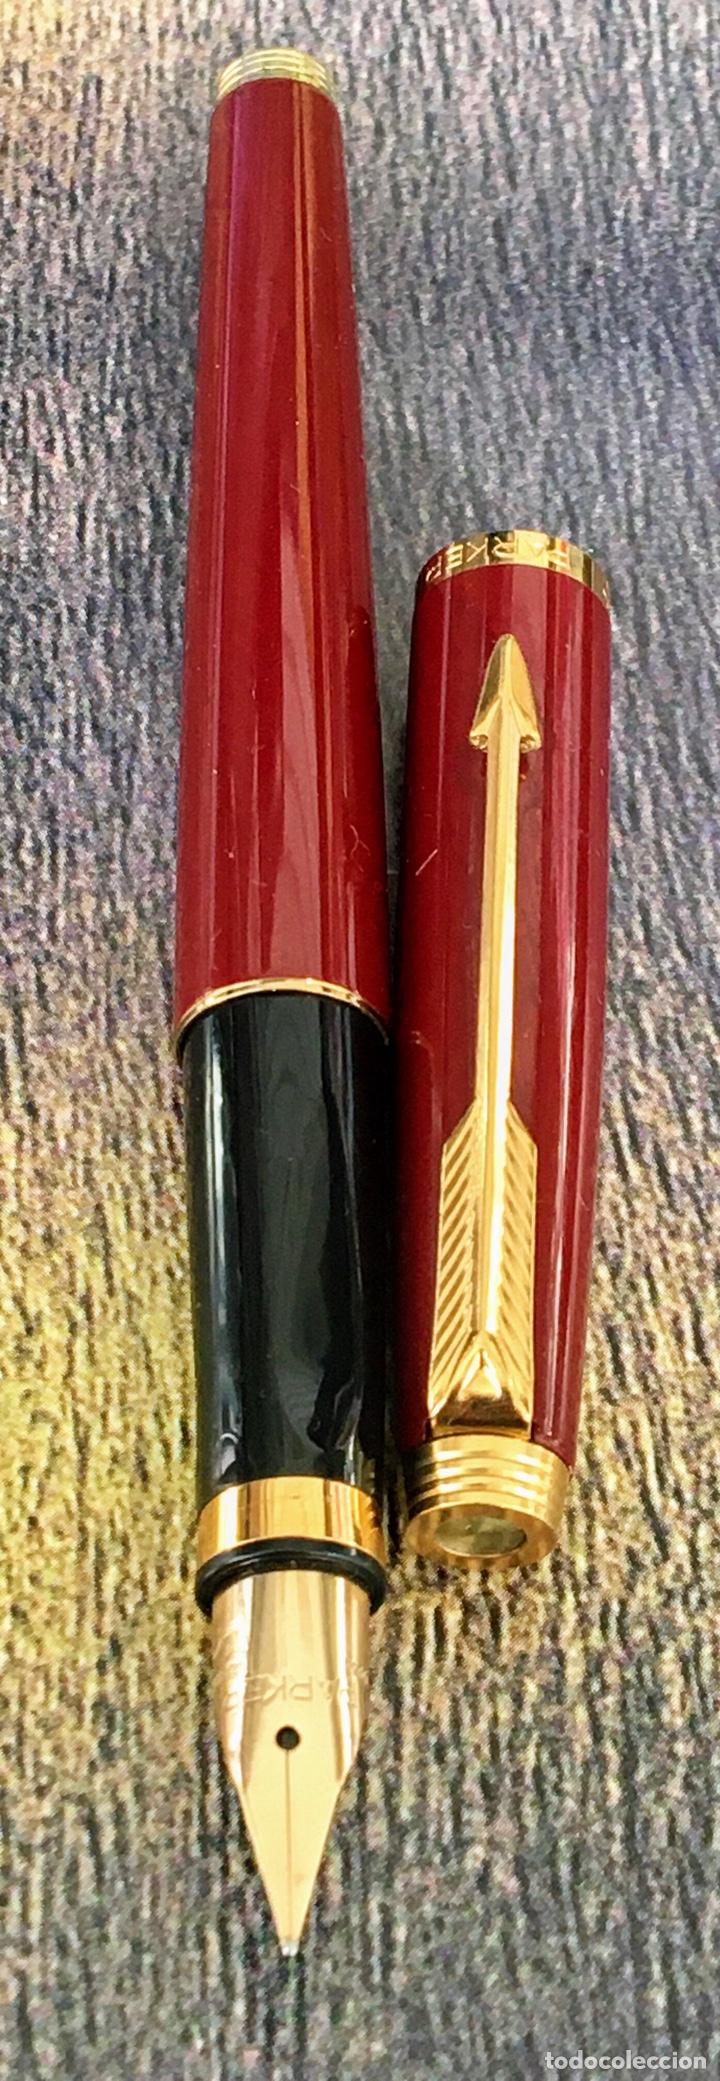 Plumas estilográficas antiguas: PARKER 75 LACADA 1975'S FRANCE - Foto 2 - 253414700